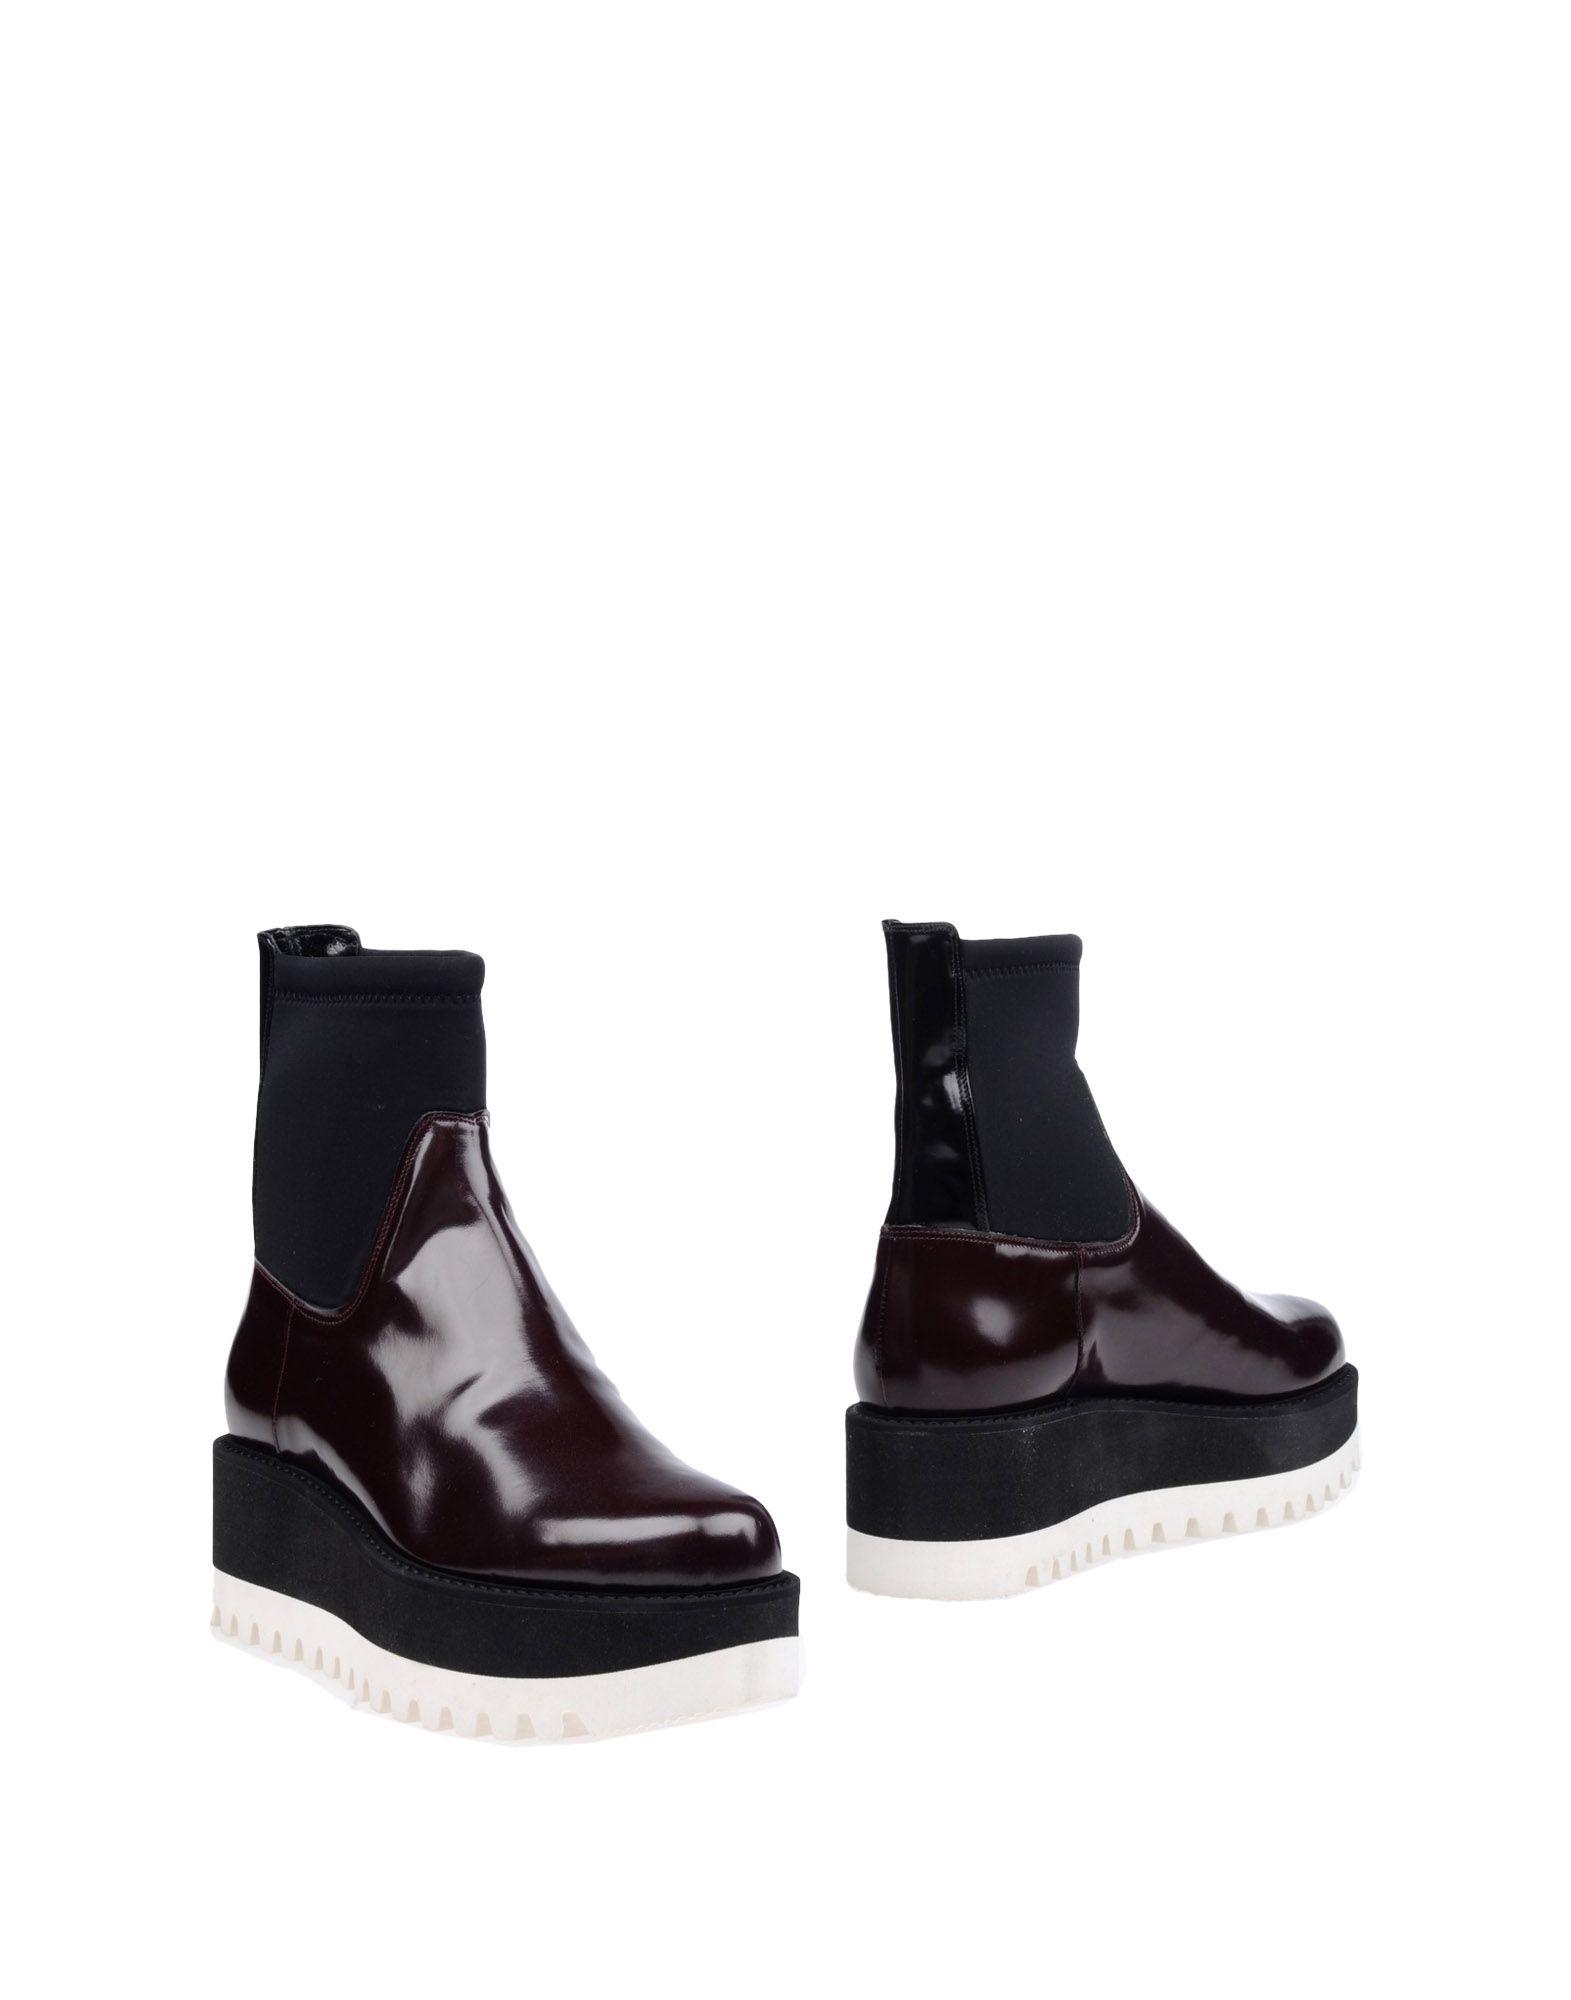 Stilvolle billige Schuhe La Blanc Stiefelette Damen  11279901TK